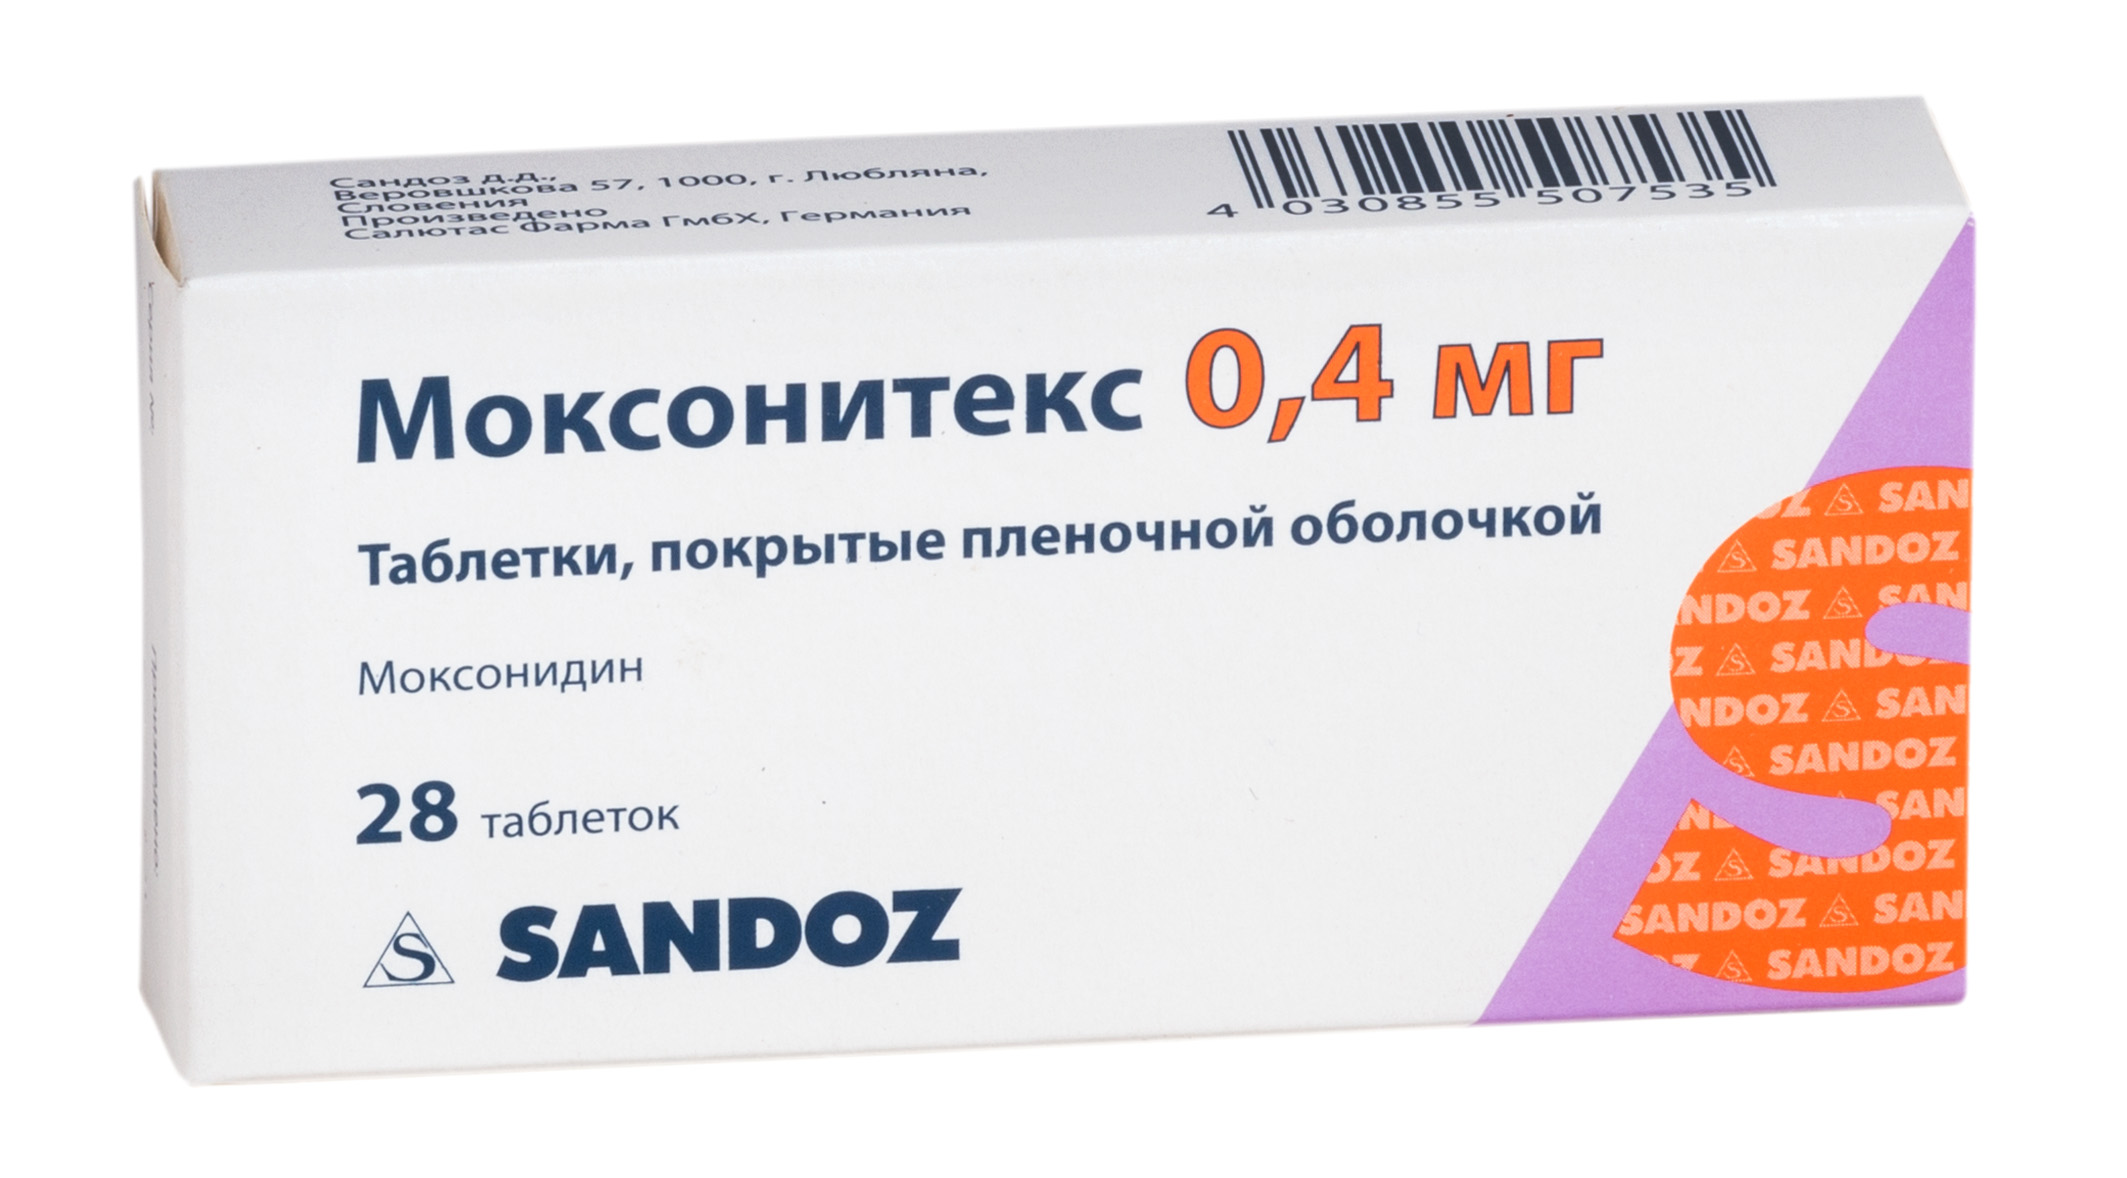 Моксонитекс таб. п.п.о. 0,4мг n28